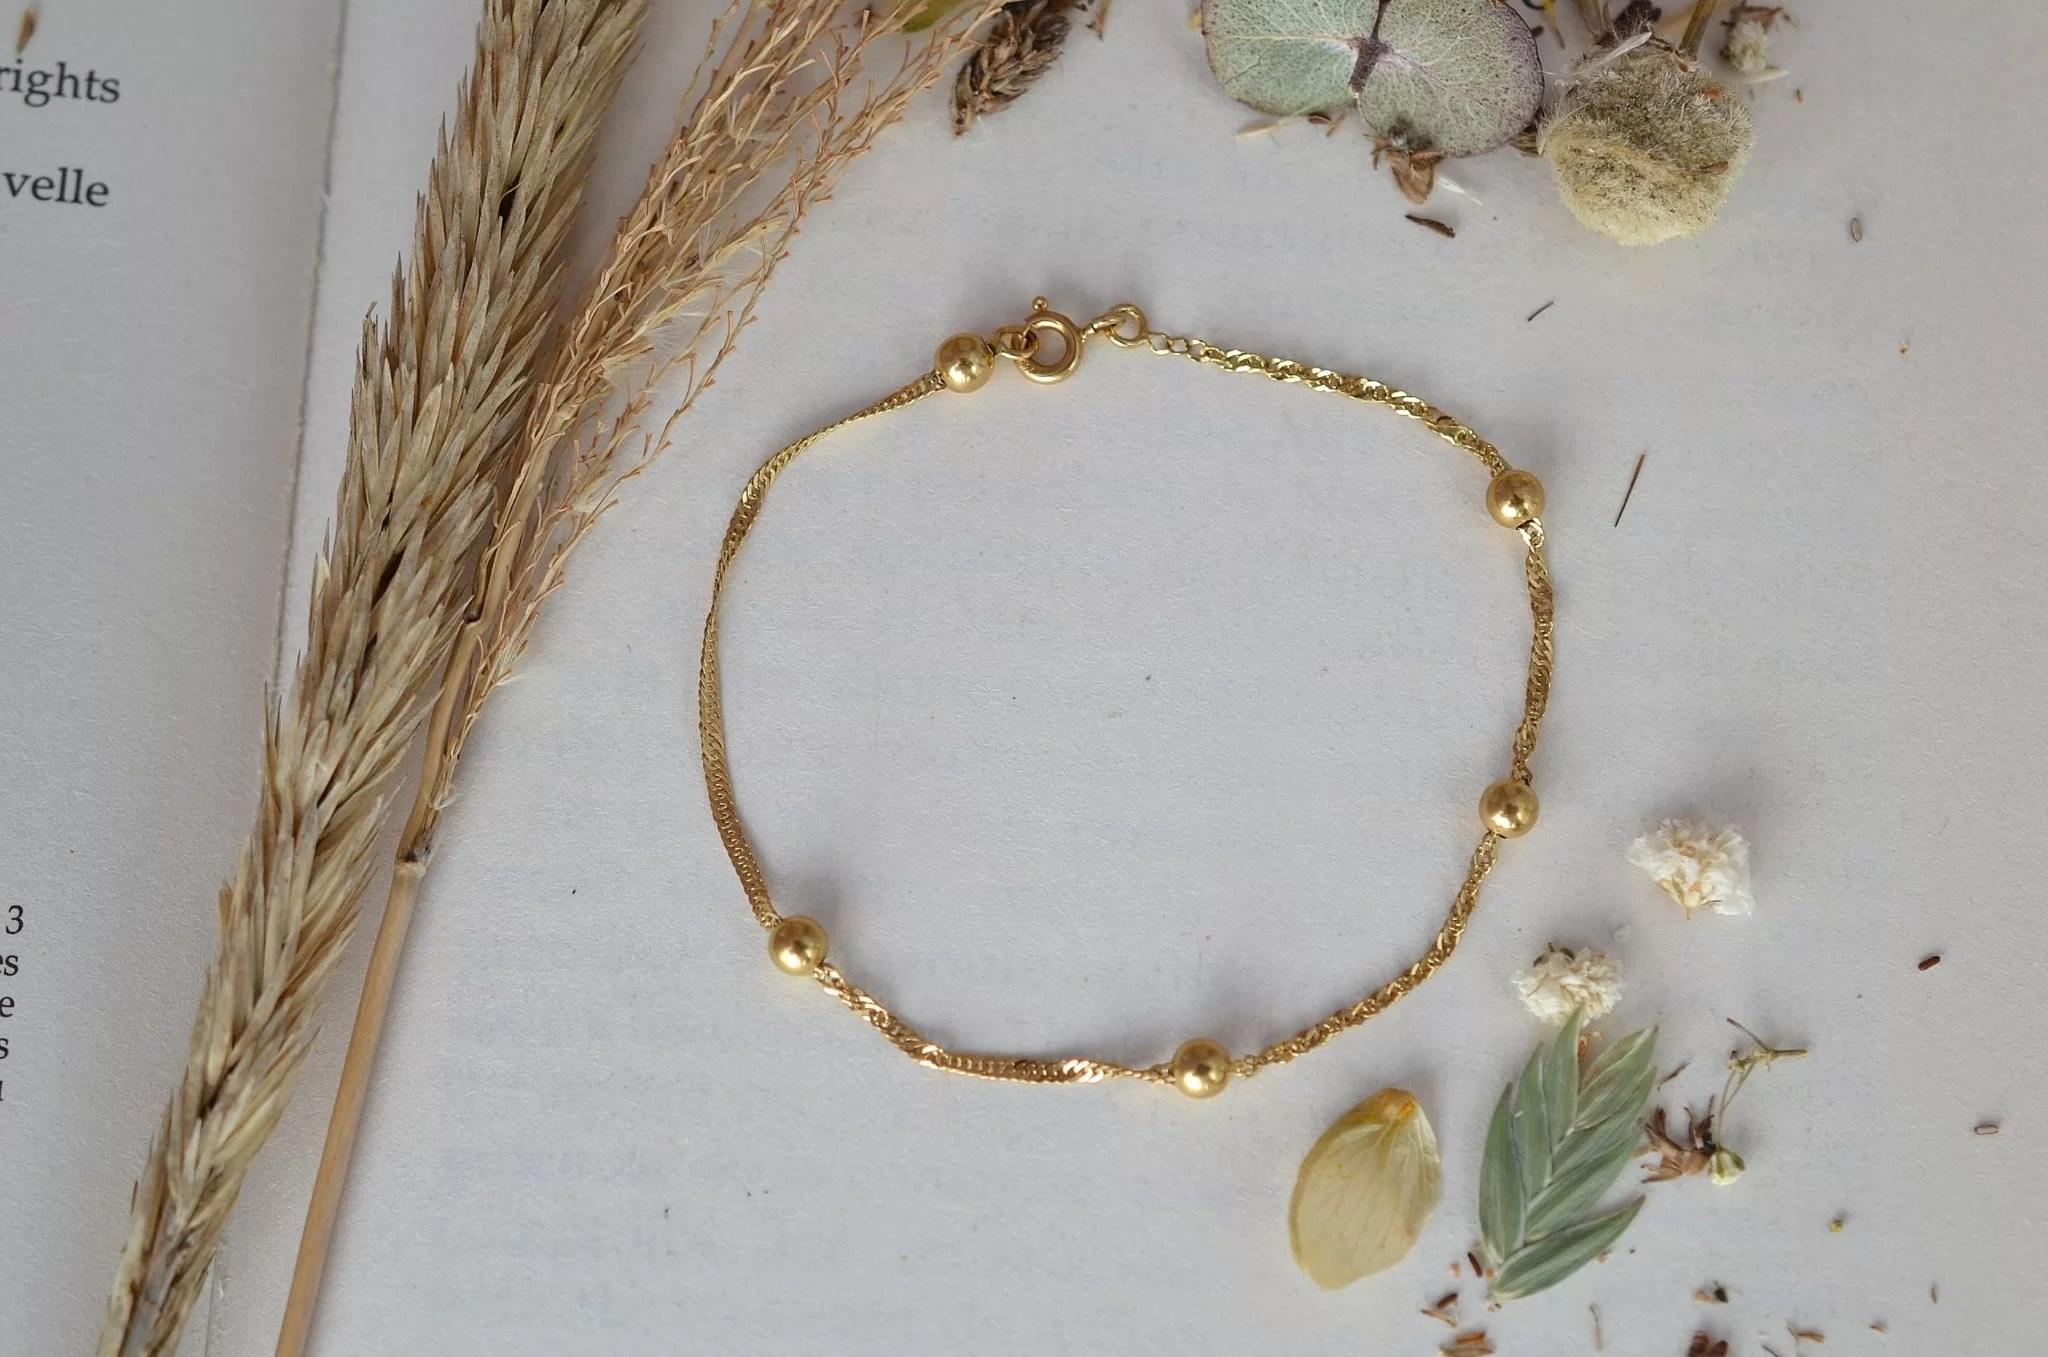 Bracelet en Or jaune décoré de billes, maille effet torsadé - bracelet de seconde main